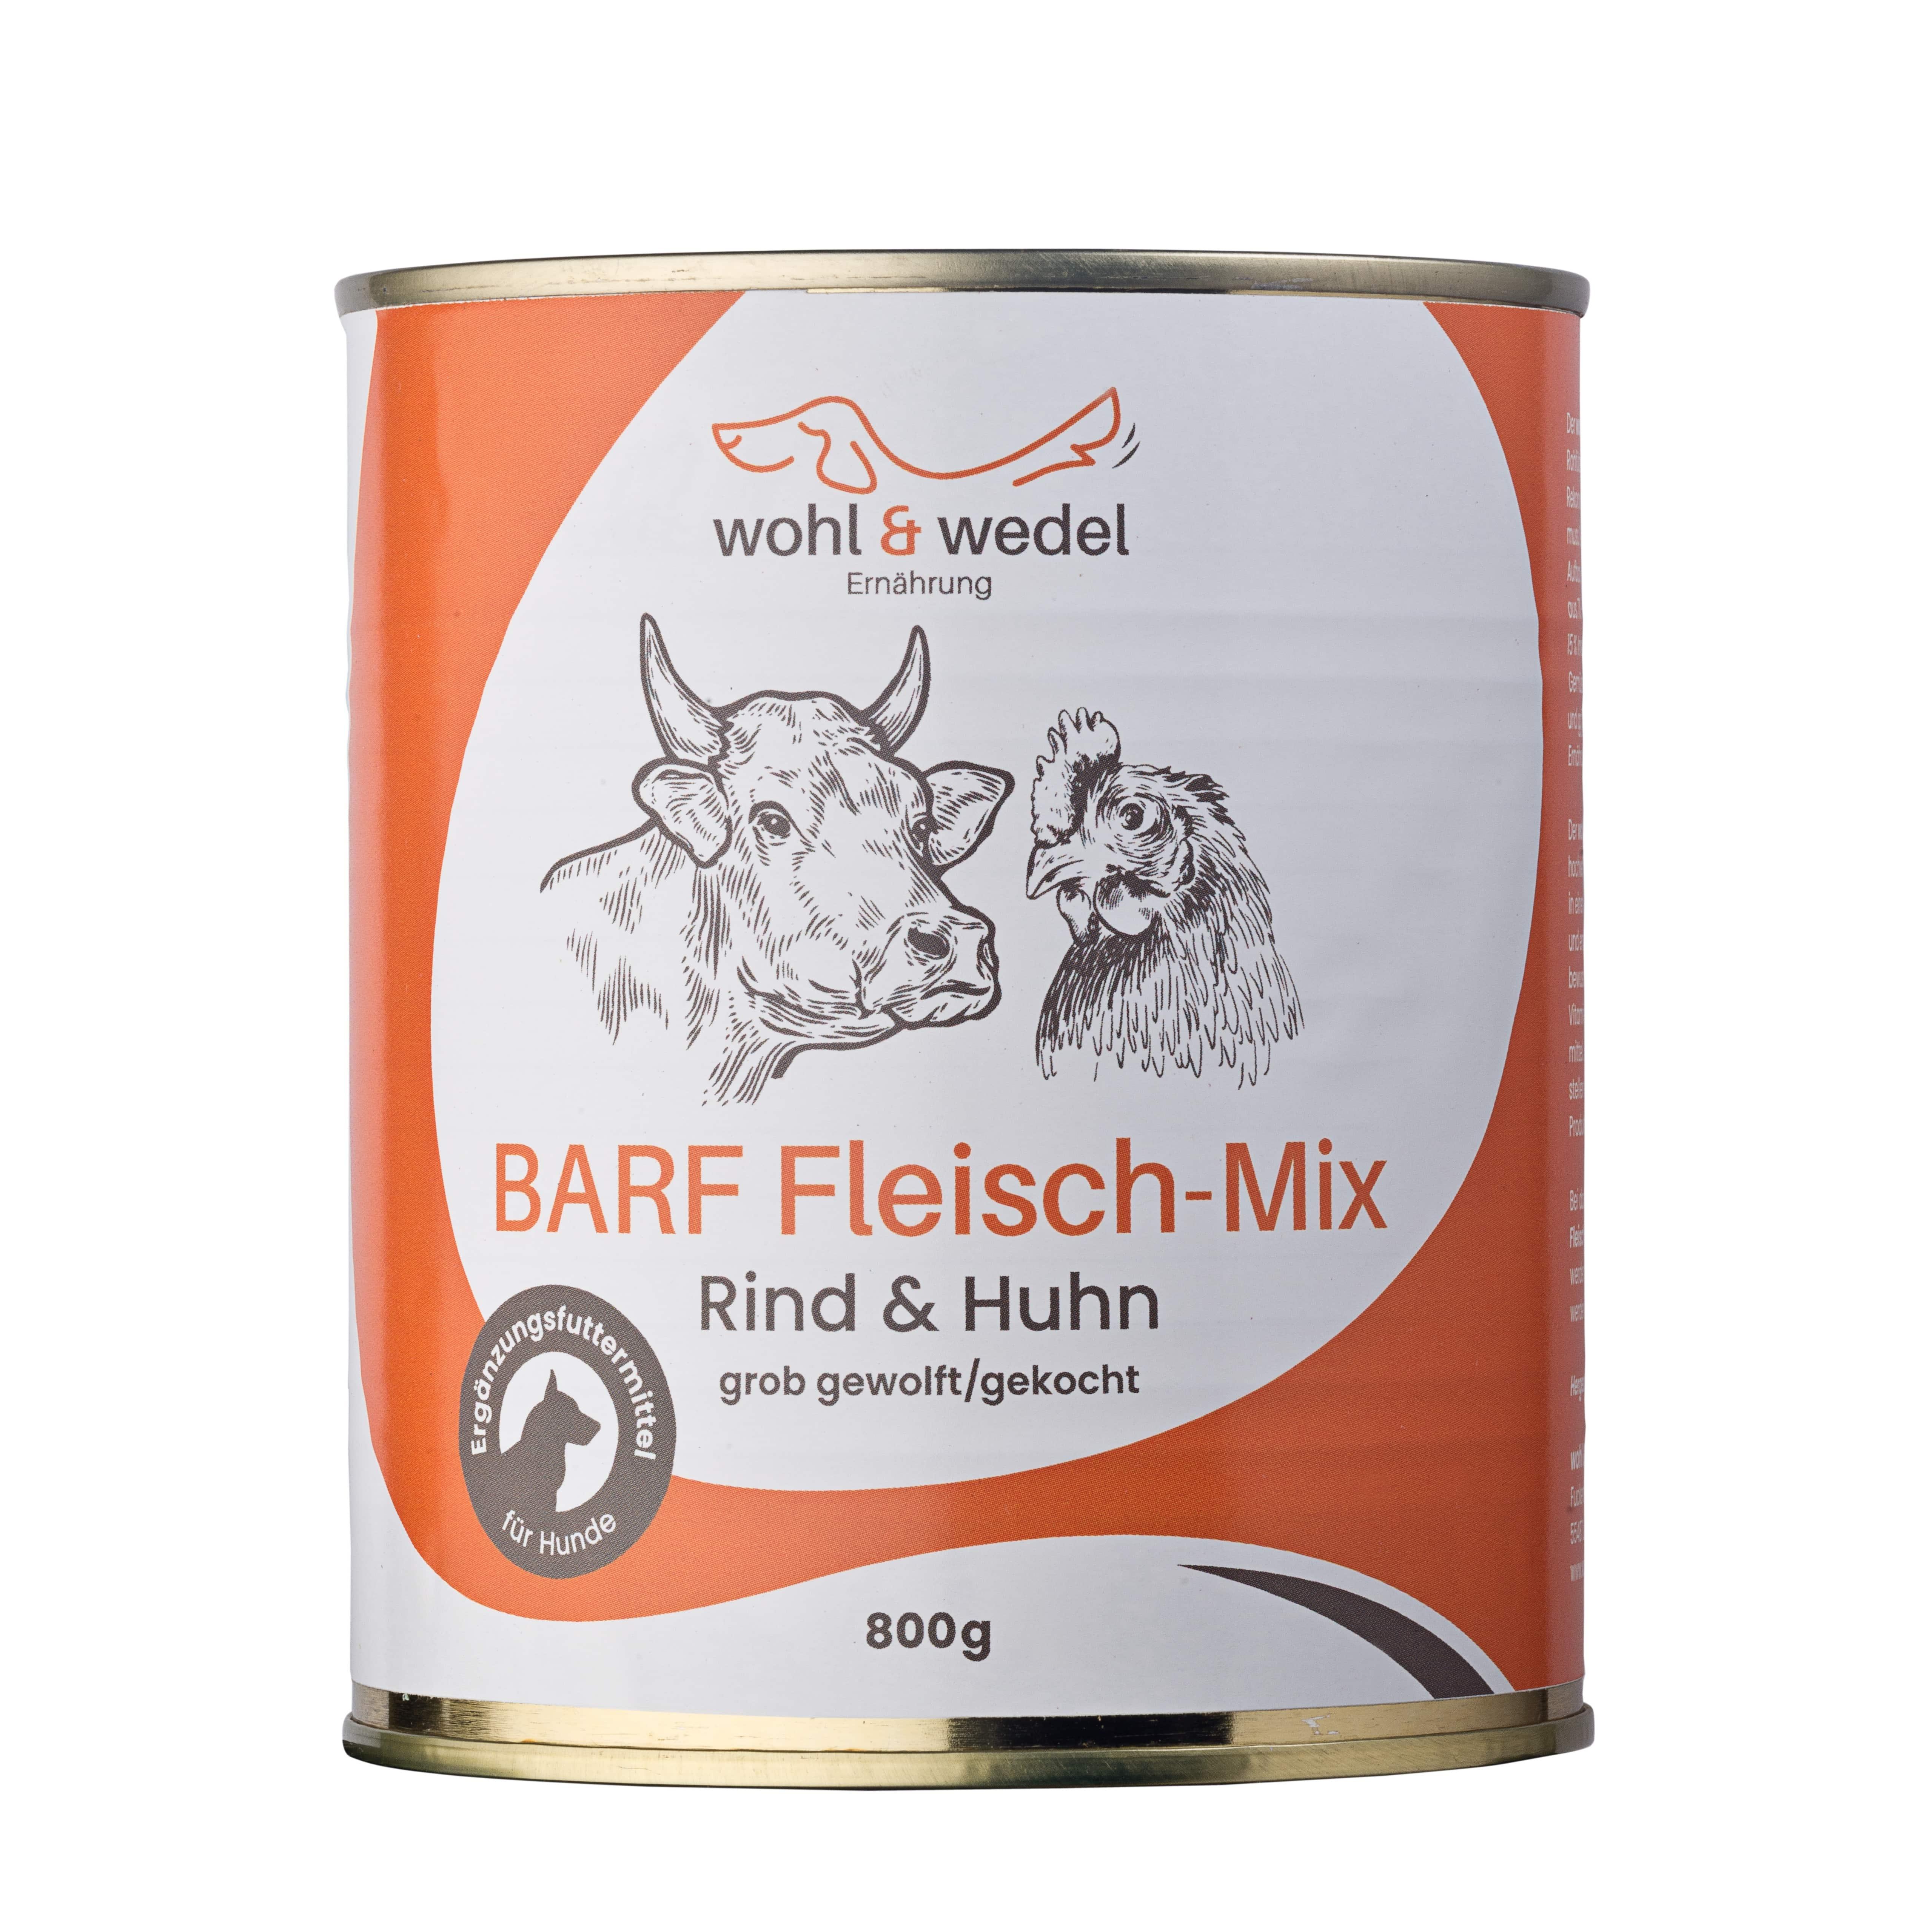 12 x wohl & wedel BARF Fleisch-Mix Rind/Huhn 800 g